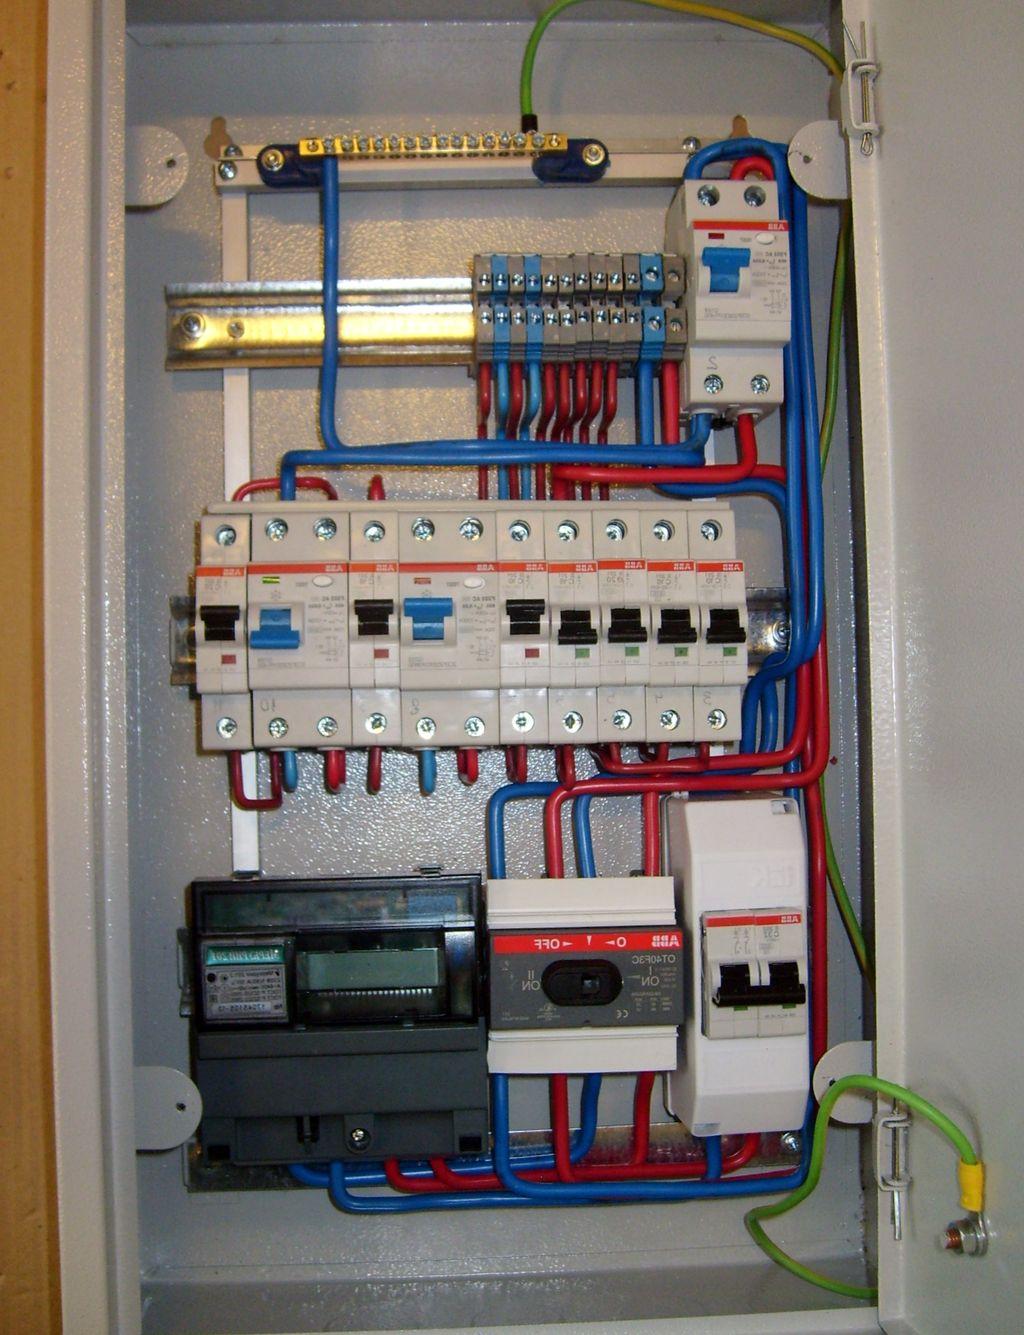 Фз подключение электричества электроснабжения Ваших объектов в Павелецкий 2-й проезд